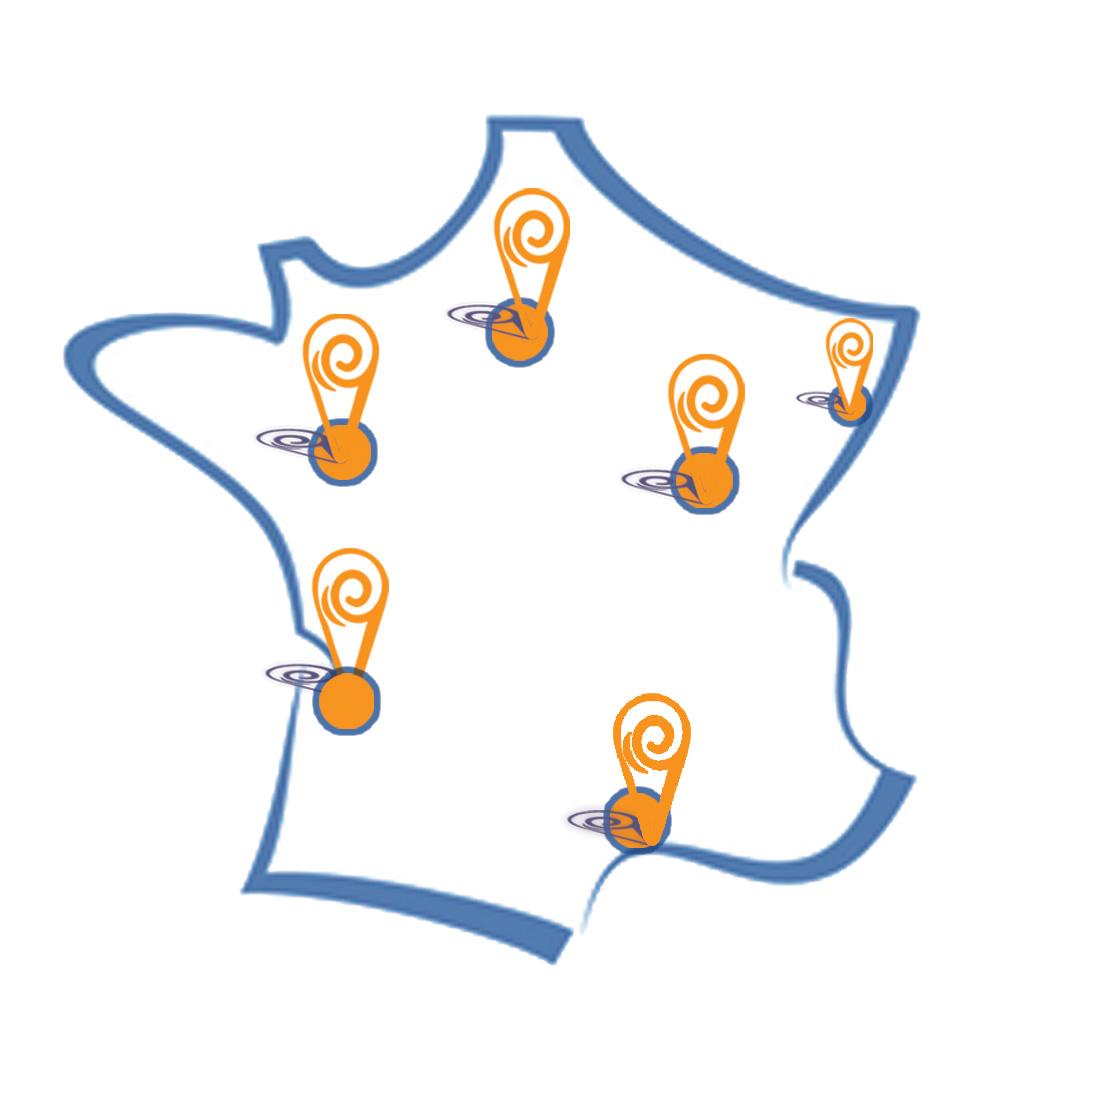 SOURCES se réorganise avec un LBO permettant l'entrée au capital de 10 cadres clés et l'entrée de TURENNE, ISATIS, et BPI en accompagnement minoritaire. SOURCES met sur le marché une nouvelle technologie, prend de nombreuses parts de marchés et ouvre un nouvel établissement suite au rachat de BIE en Ouest Bretagne.